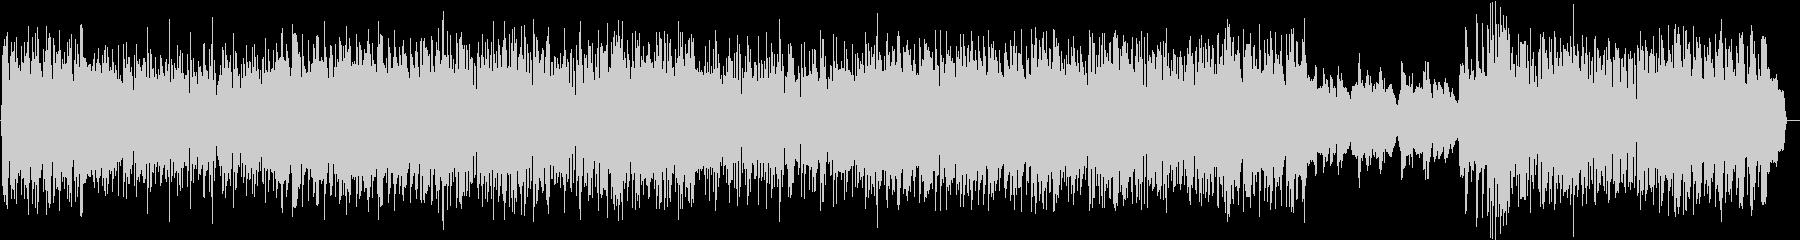 電波系 アイドルポップ アニソン オタクの未再生の波形